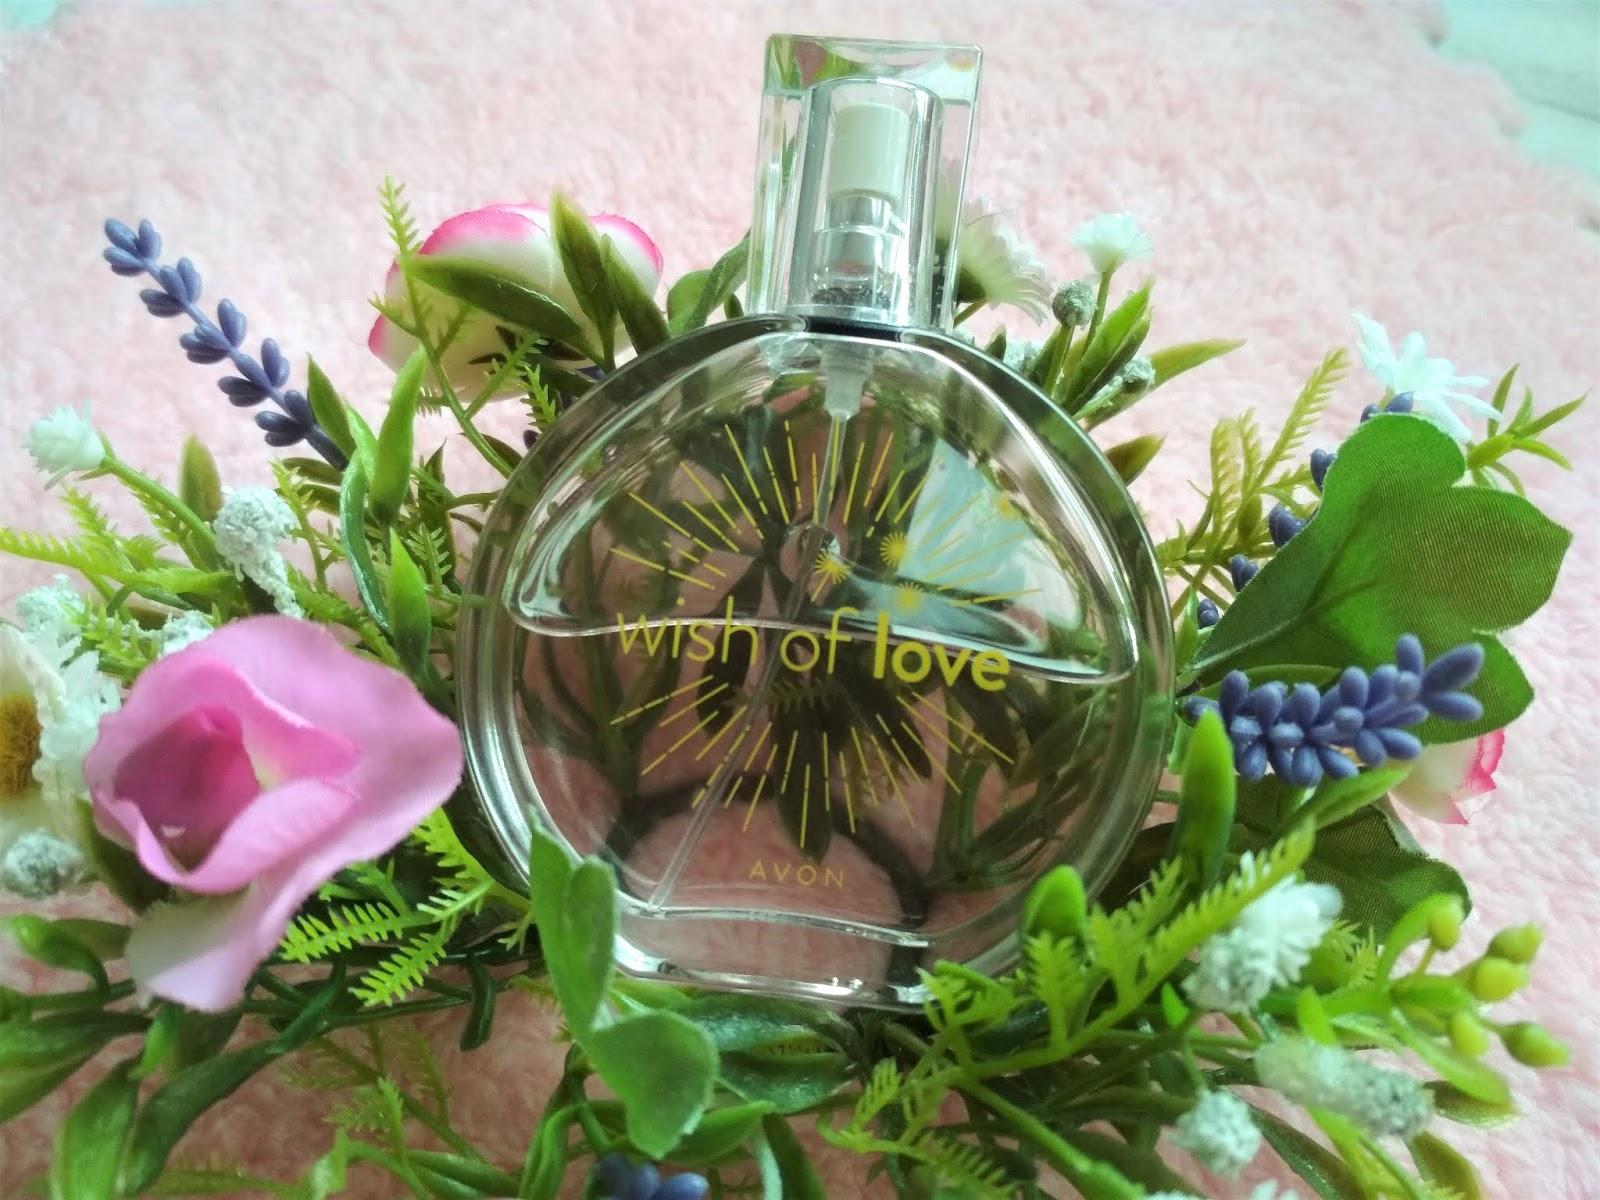 AVON Woda toaletowa Wish Of Love, Nowości kosmetyczne (i nie tylko) marca 2019, avon perfumy, avon, zamówienie avon